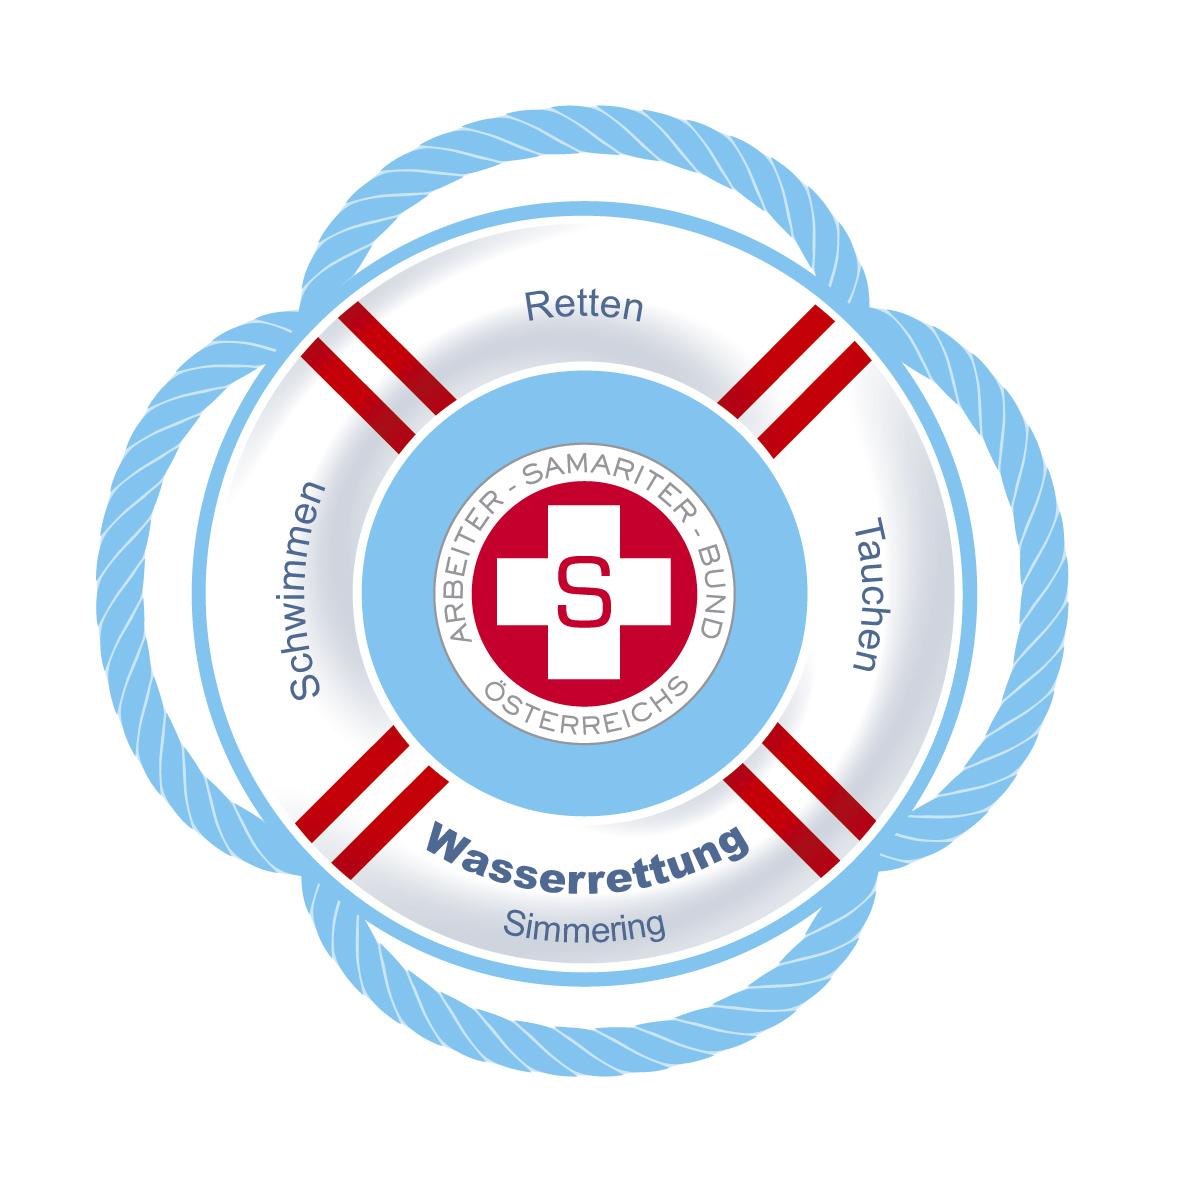 logo_asb_simmeringjpg